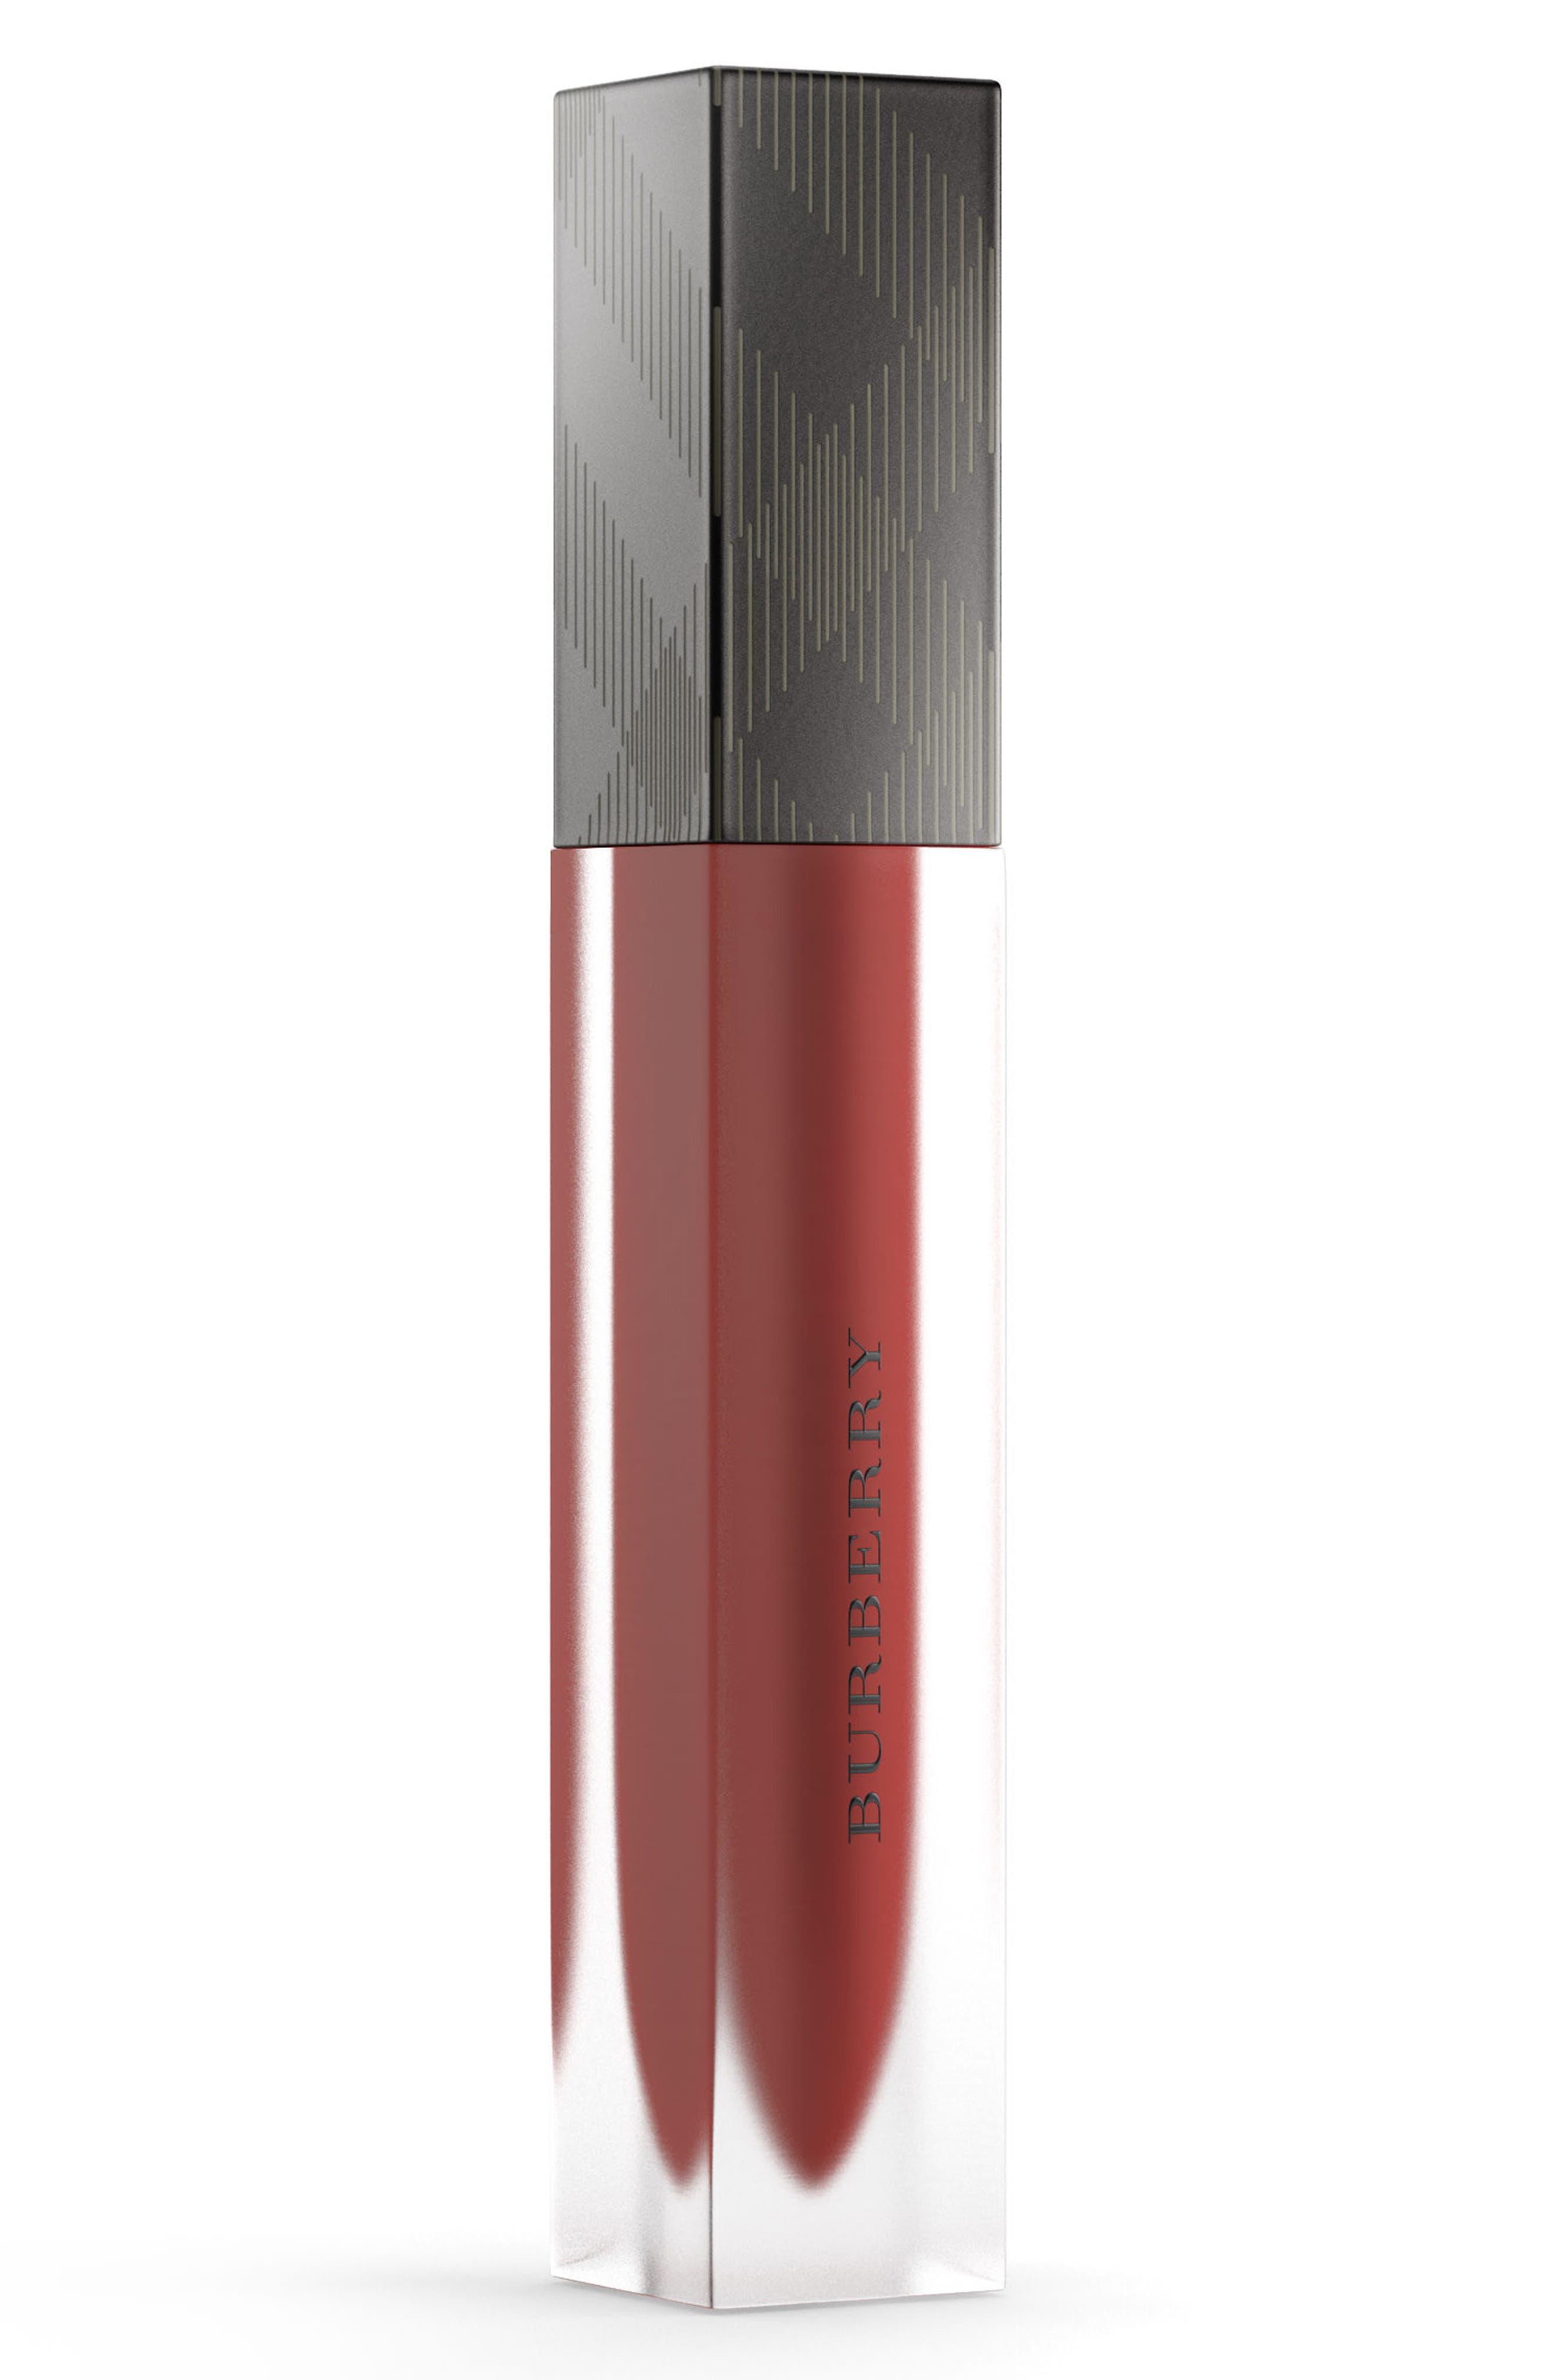 Burberry Beauty Liquid Lip Velvet